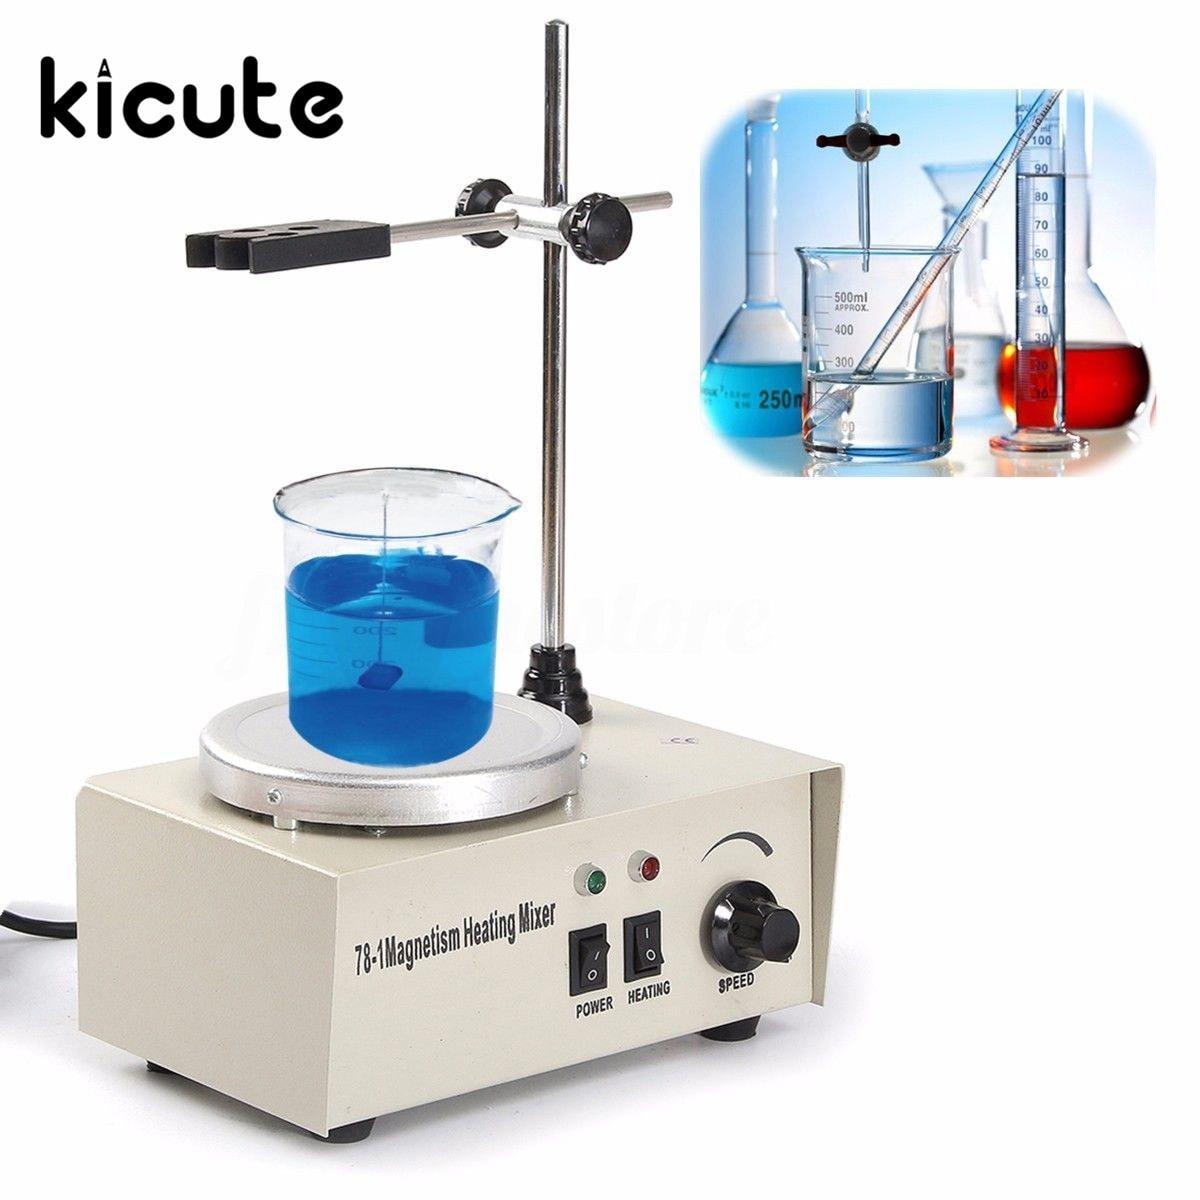 220V 150W 1000ML Magnetic Stirrer Mixer Machine Heating 78-1 Hot Plate Medical Laboratory Tool dobrovolsky v eremitage geschichte der museumgebaude und sammlungen альбом на немецком языке